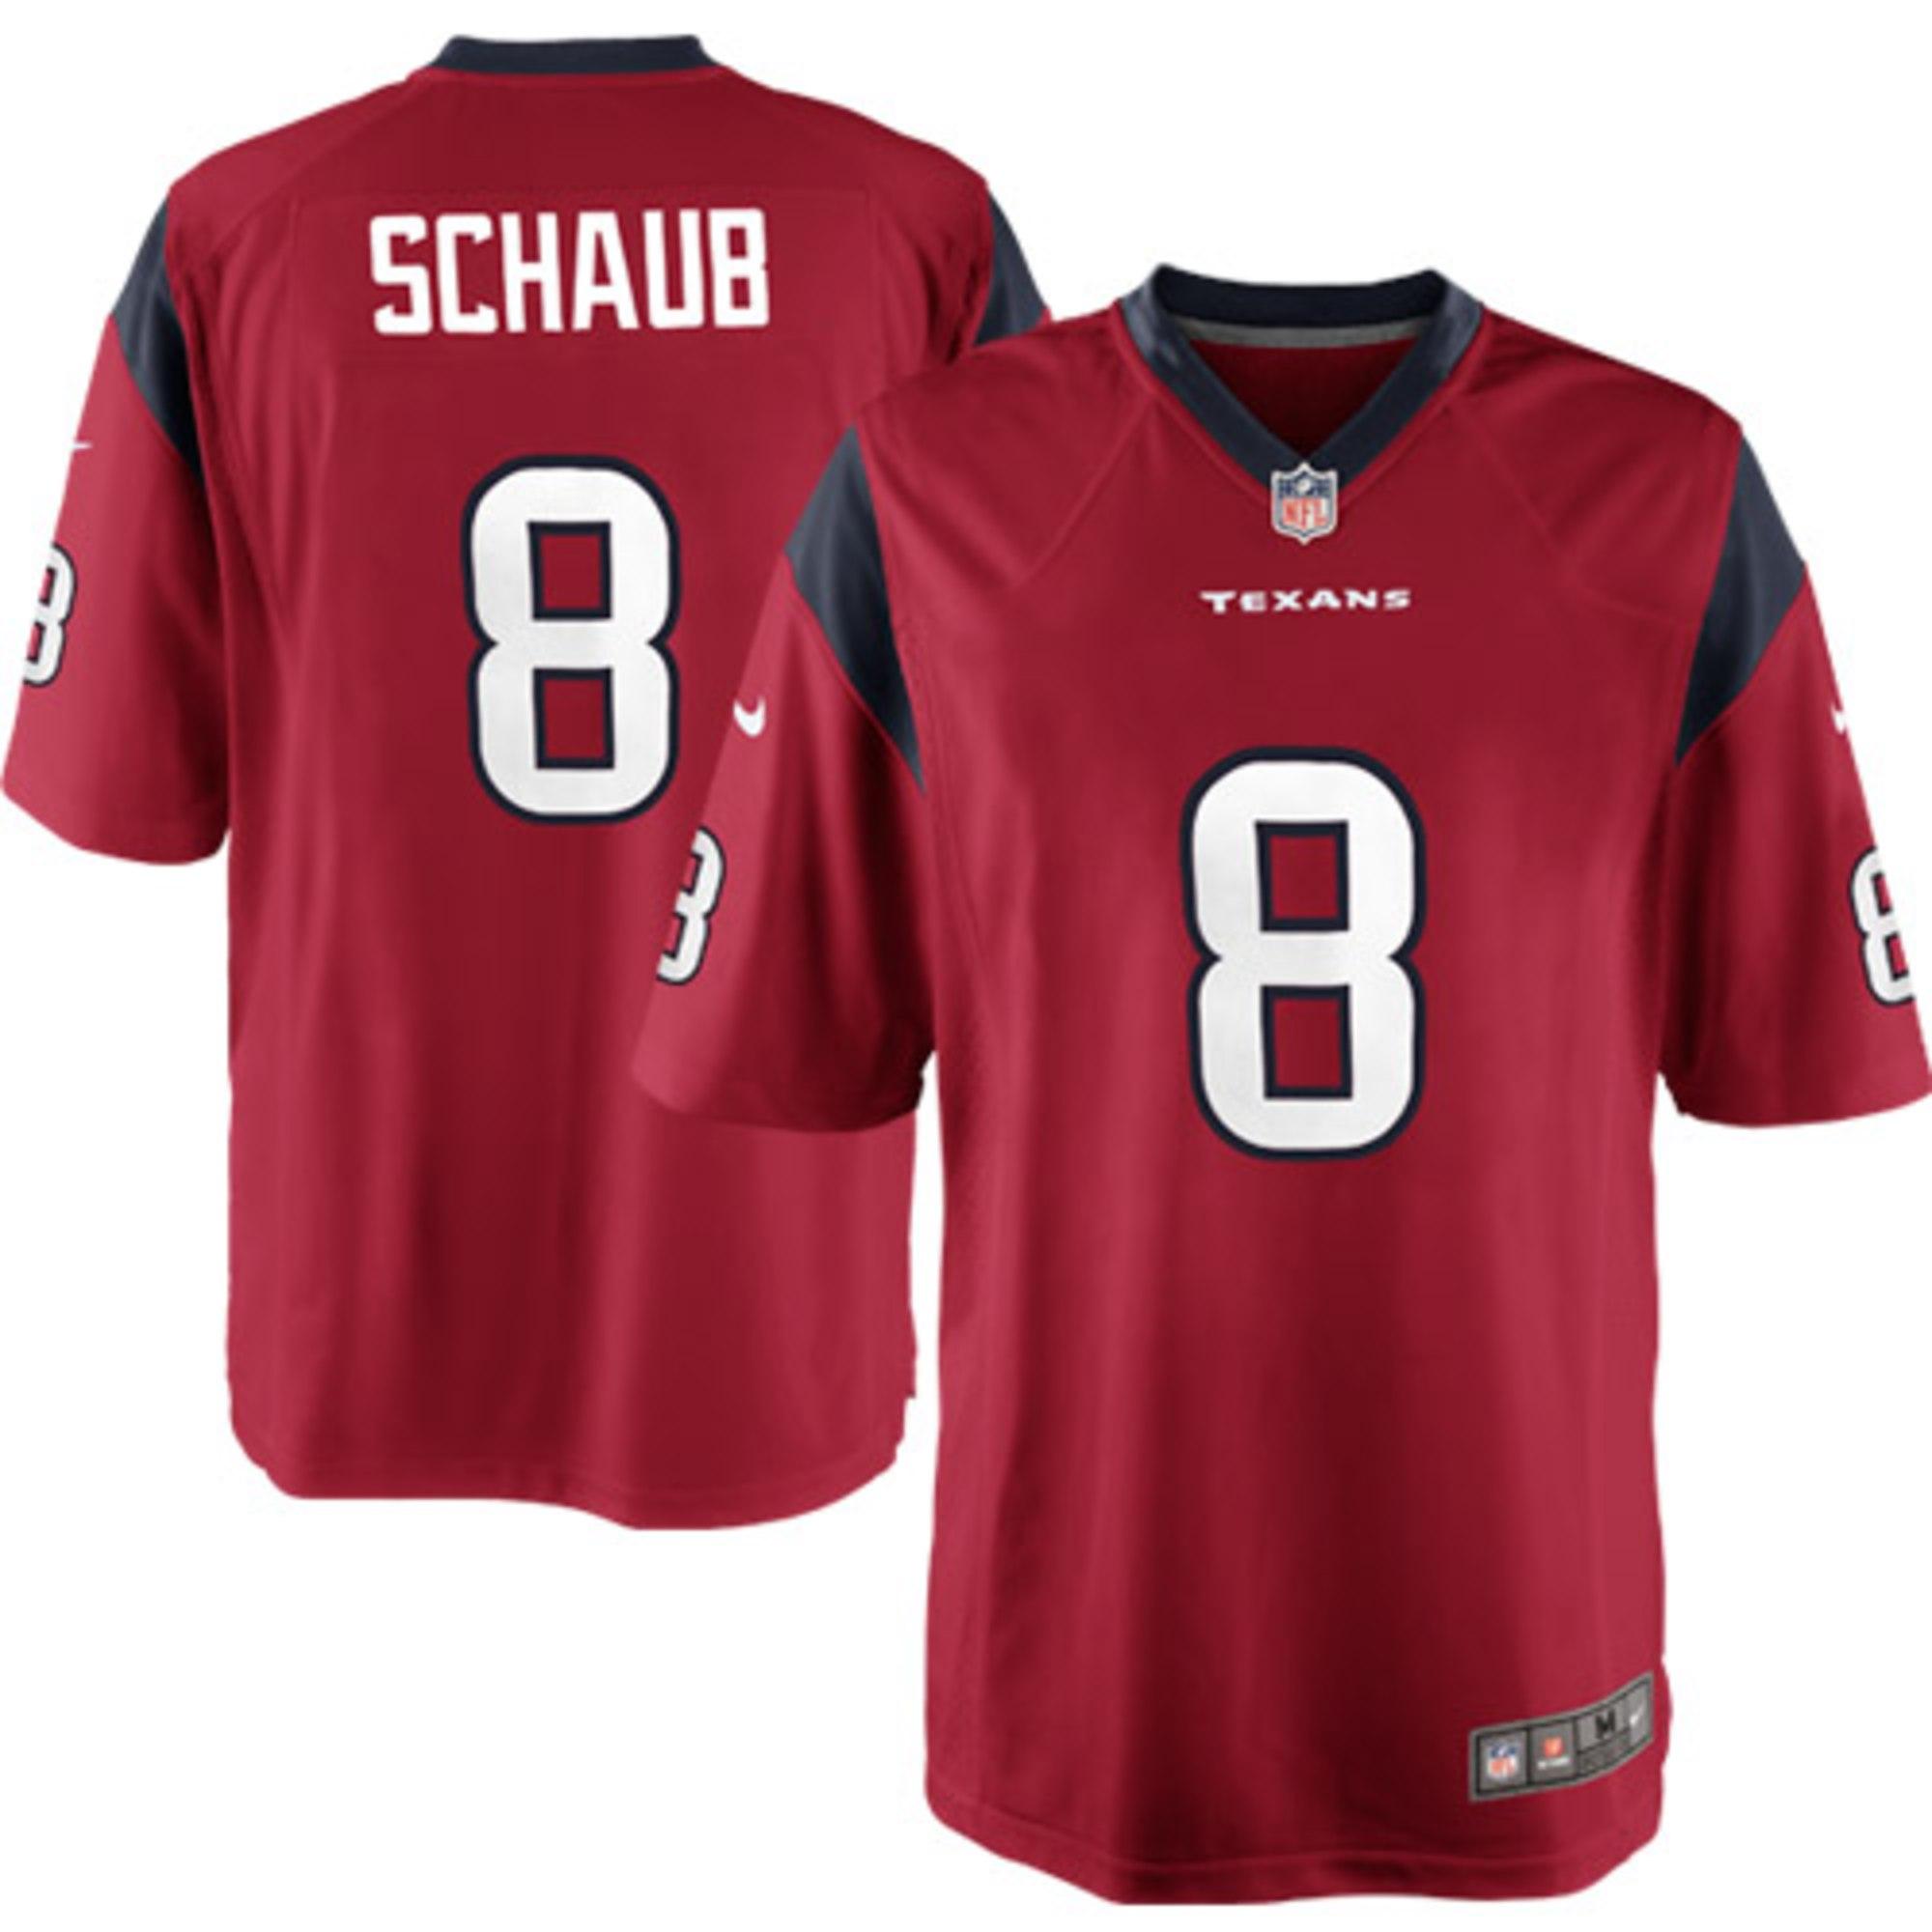 Nike Matt Schaub Houston Texans Youth Game Jersey  9.99 - Slickdeals.net a31b0c635